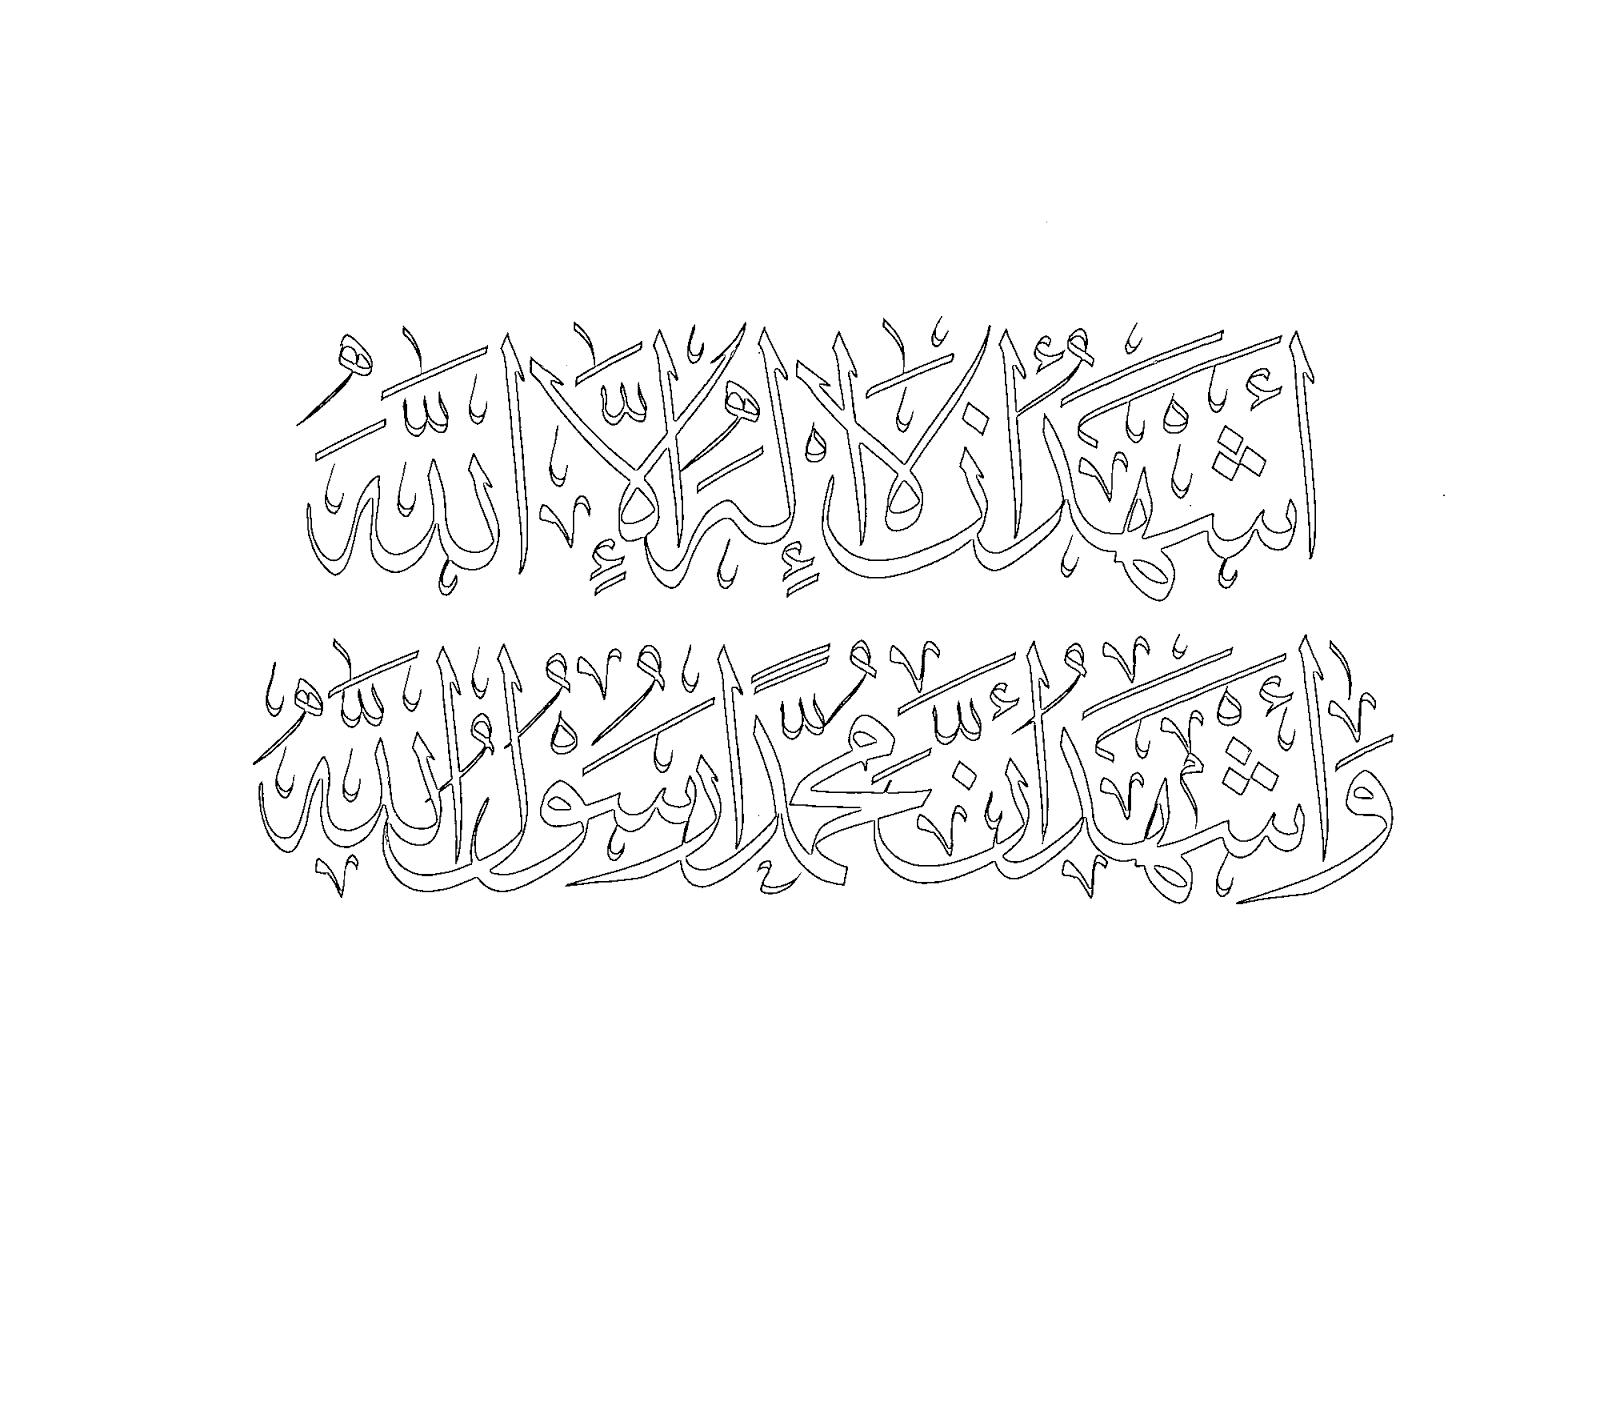 Boyamalı Islamın şartları 1 5 Takım Satılır Mürşide Uysal